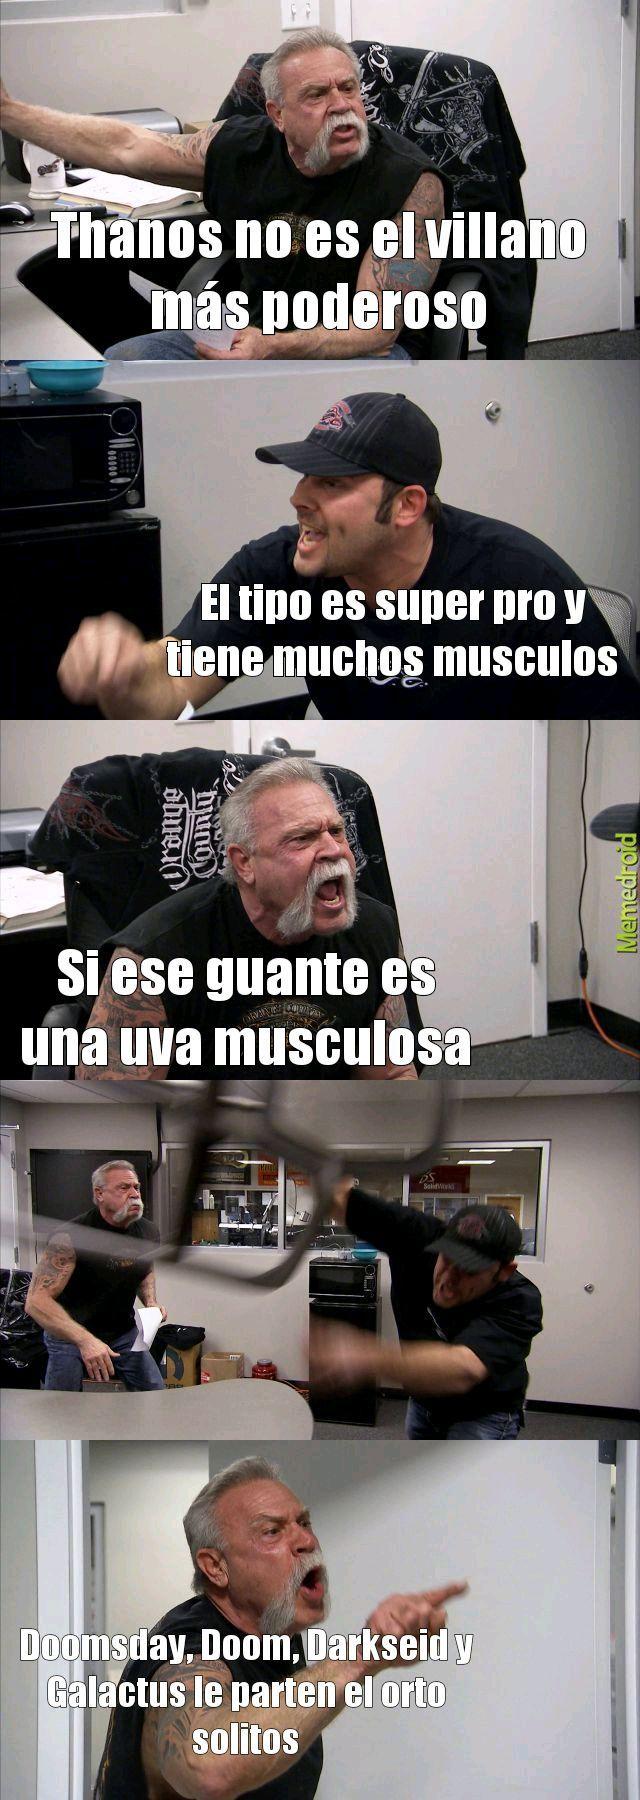 Entiedanlo - meme